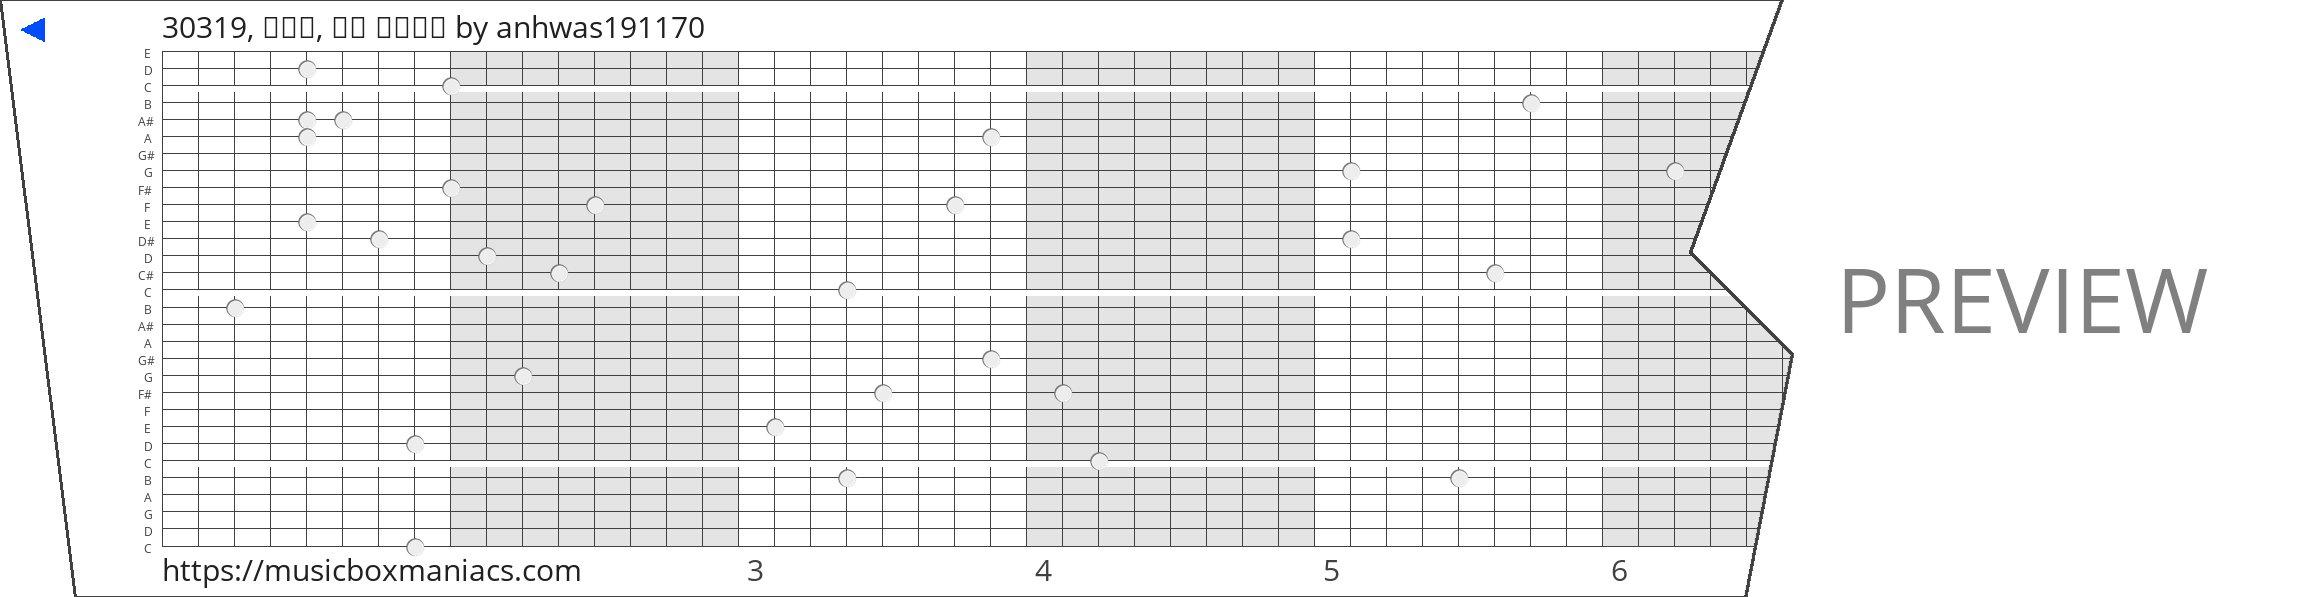 30319, 박민규, 민규 대학간다 30 note music box paper strip